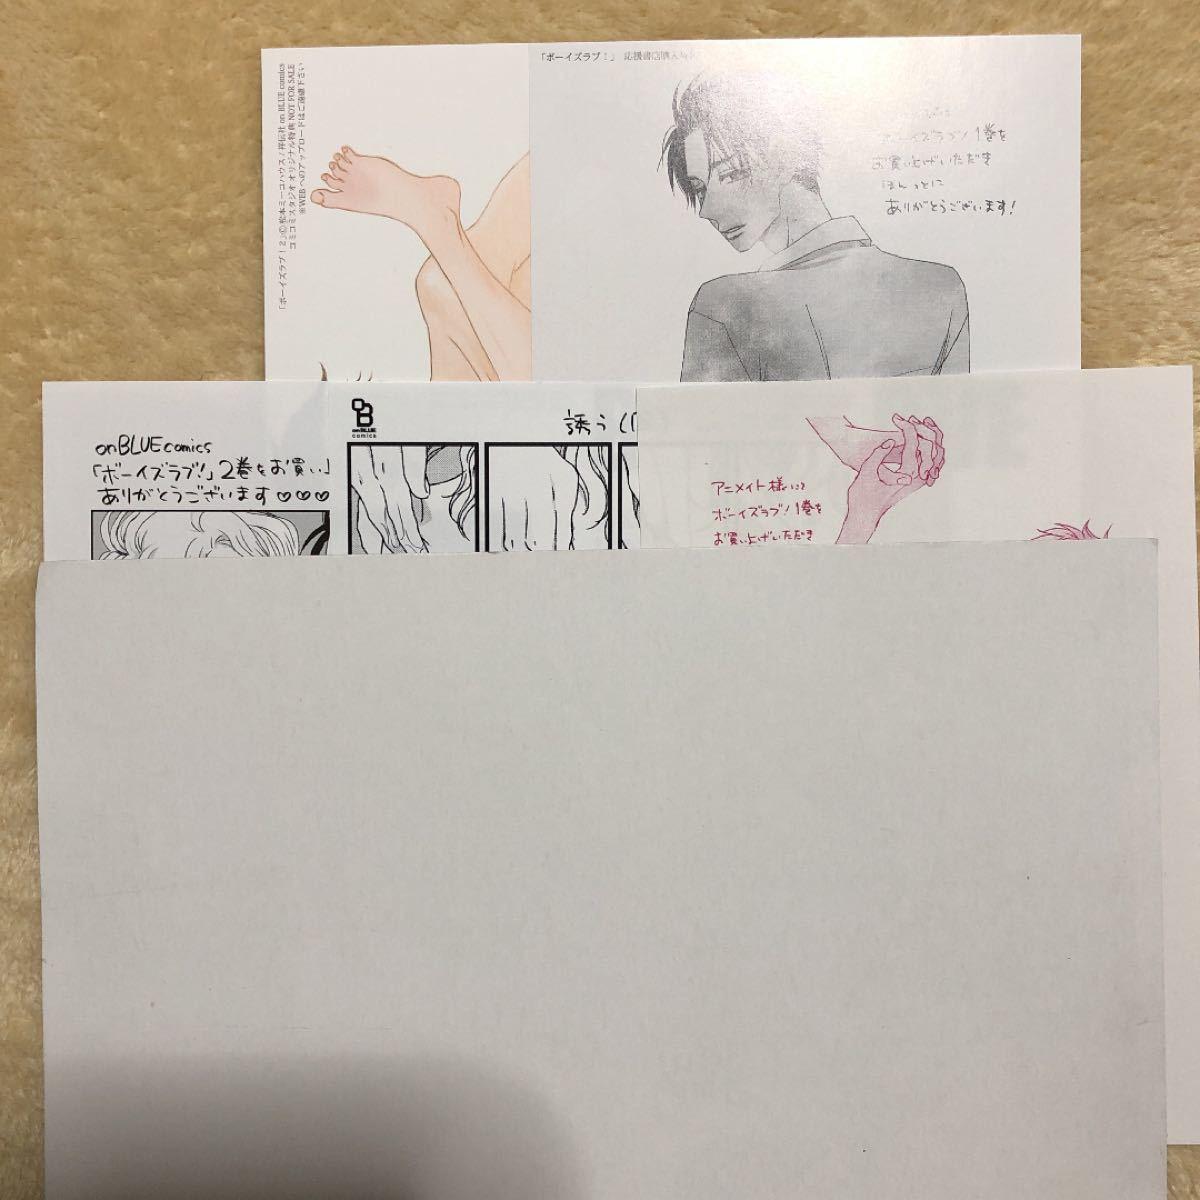 【特典】 松本ミーコハウス ペーパー BL